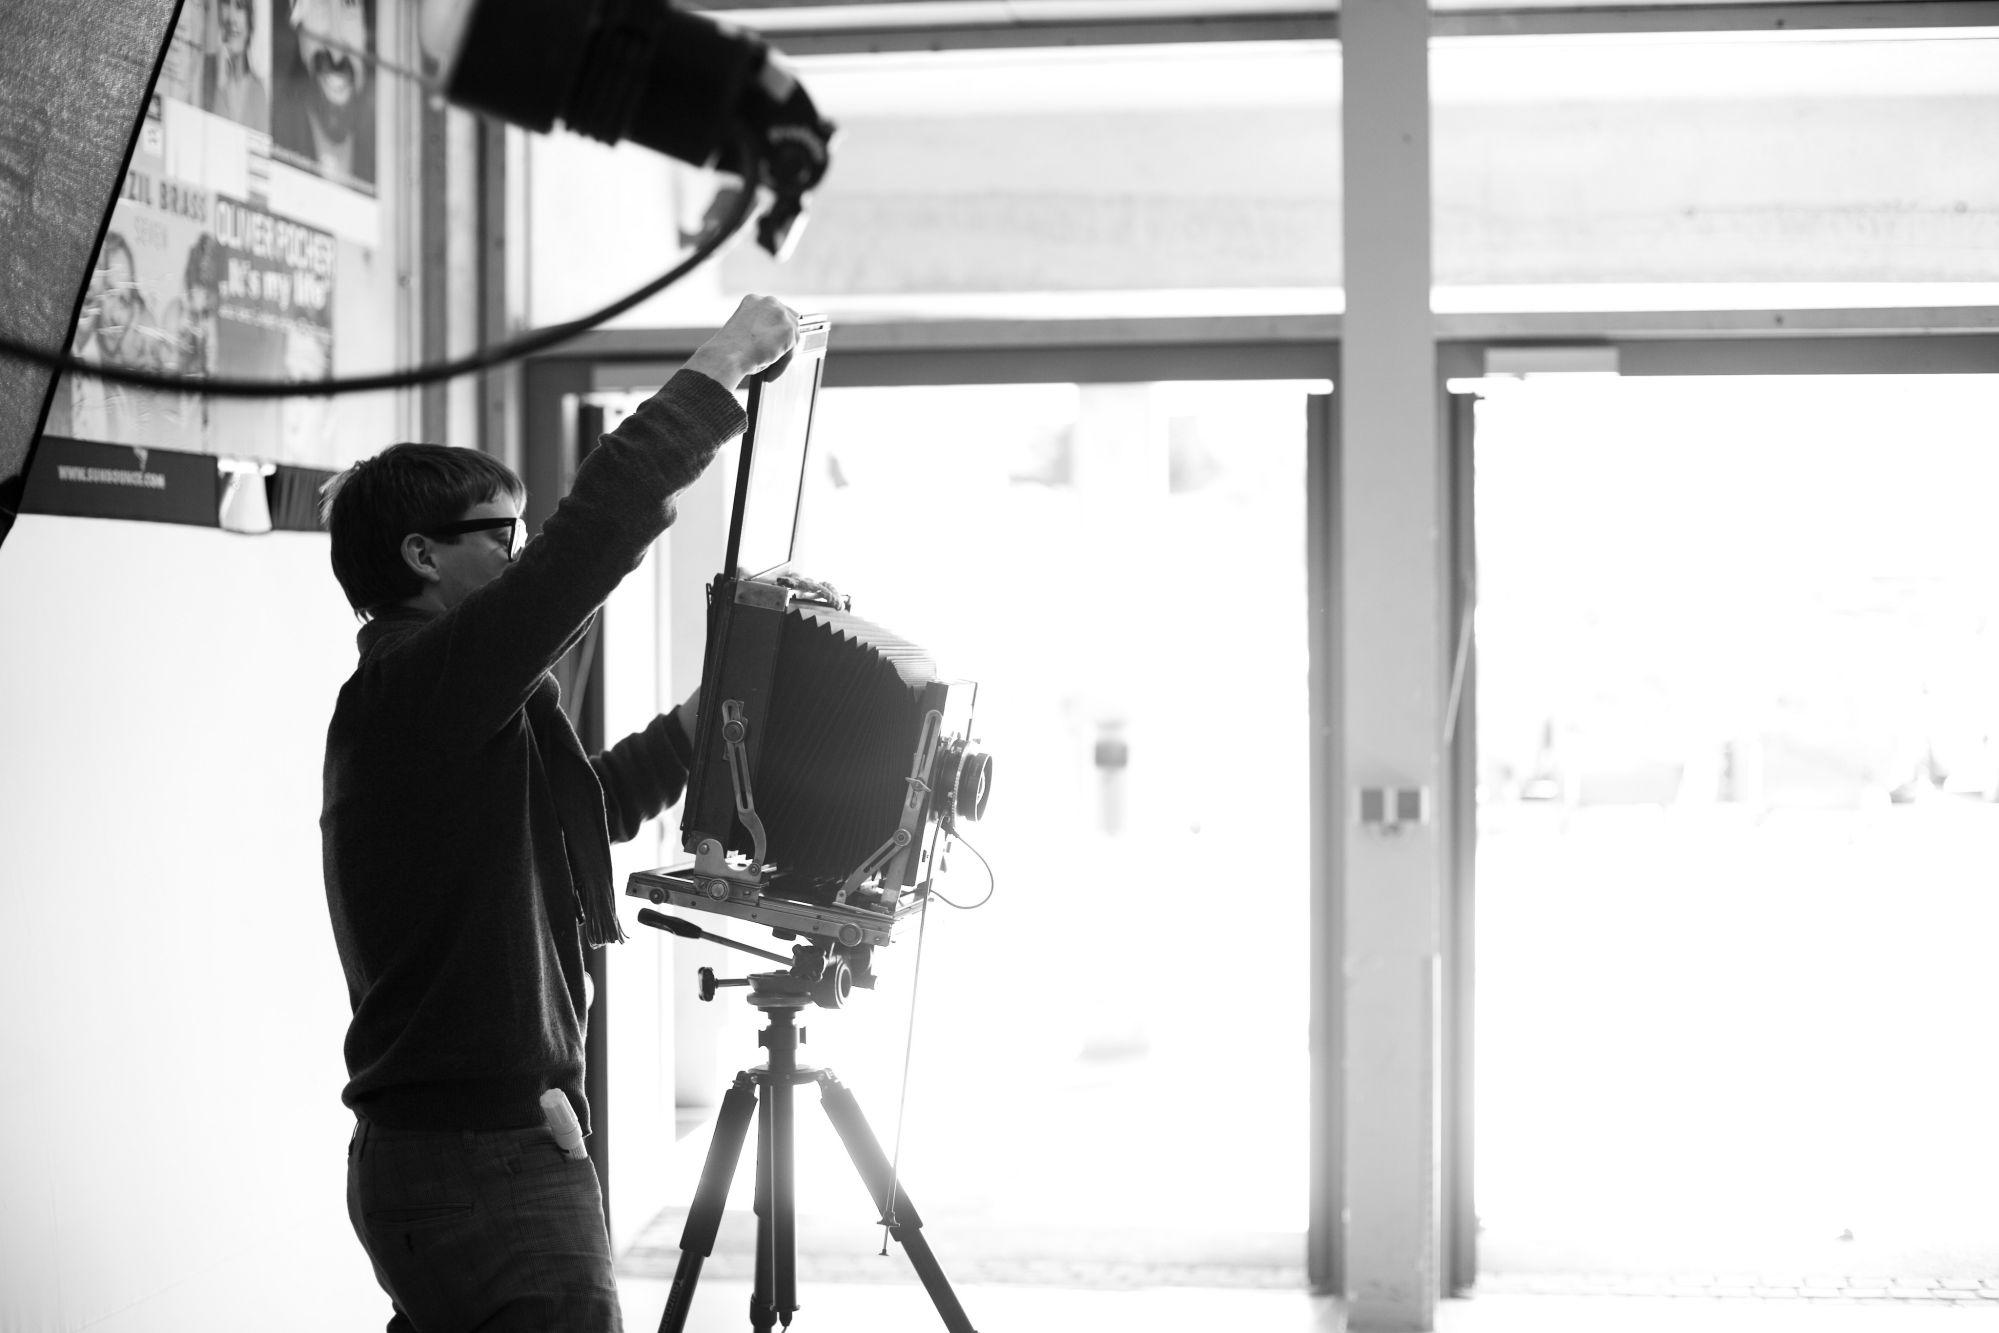 der-fotograf-joachim-manuel-riederer